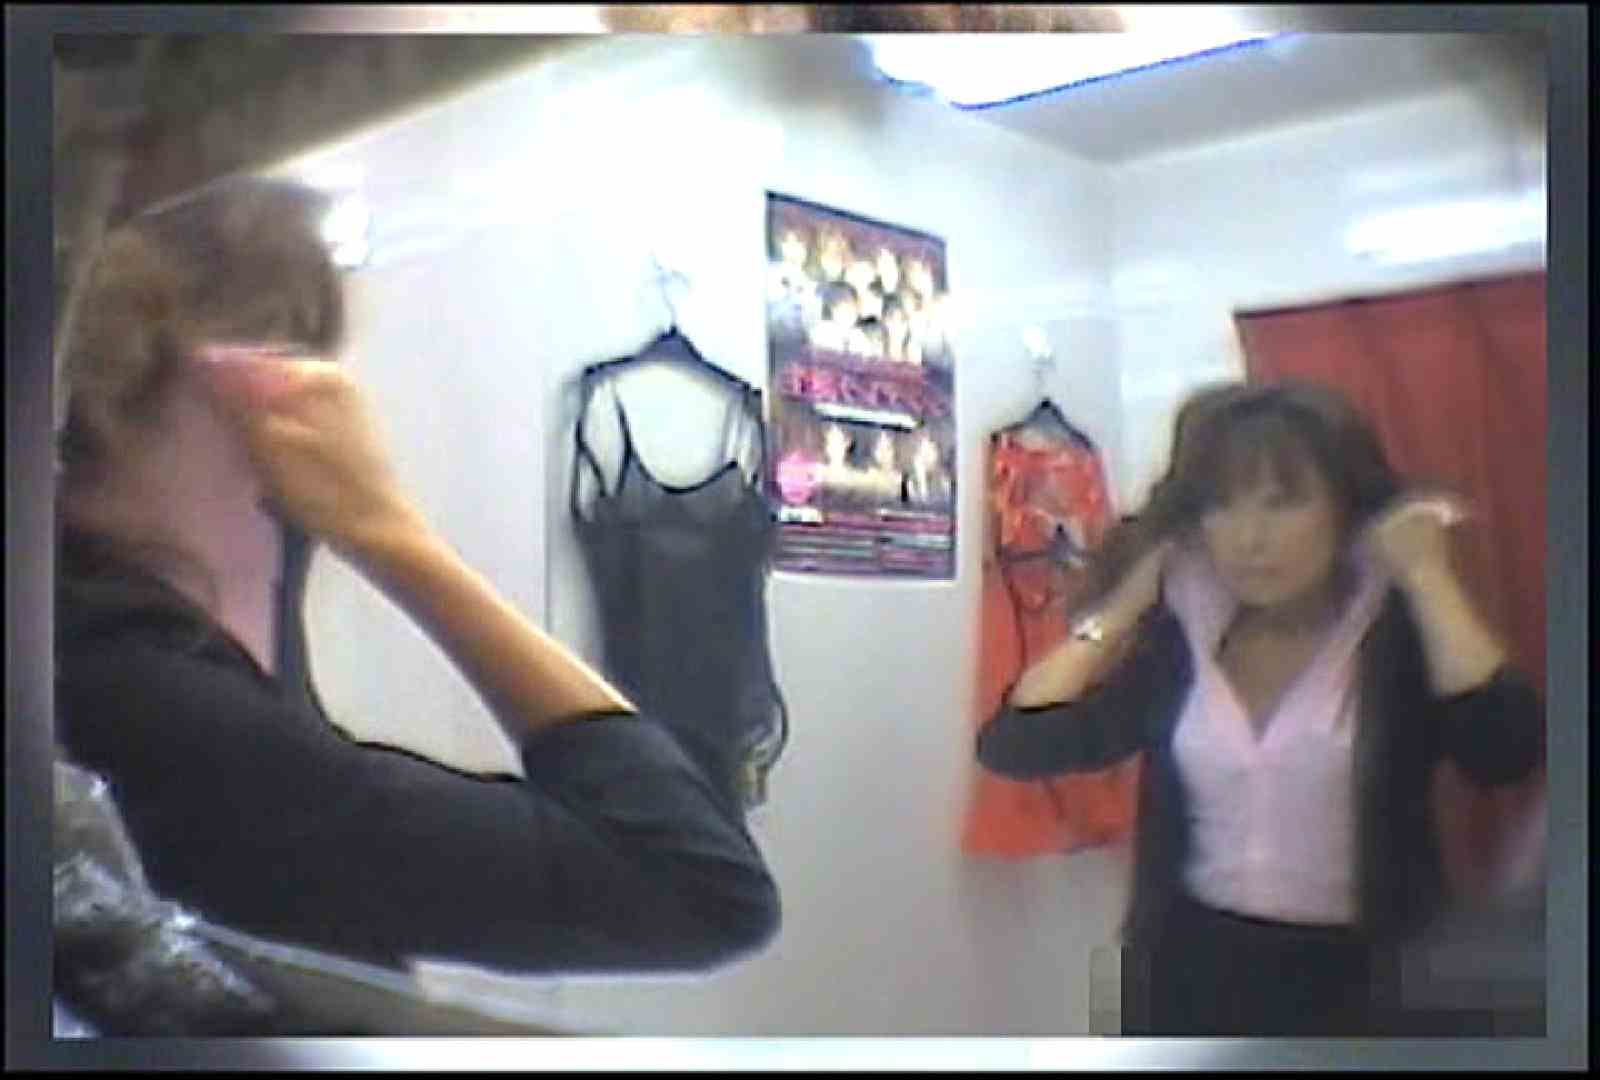 ショップ店長流出!!変態下着を買い漁る女達!Vol.5 ギャルのエロ動画 濡れ場動画紹介 85画像 5